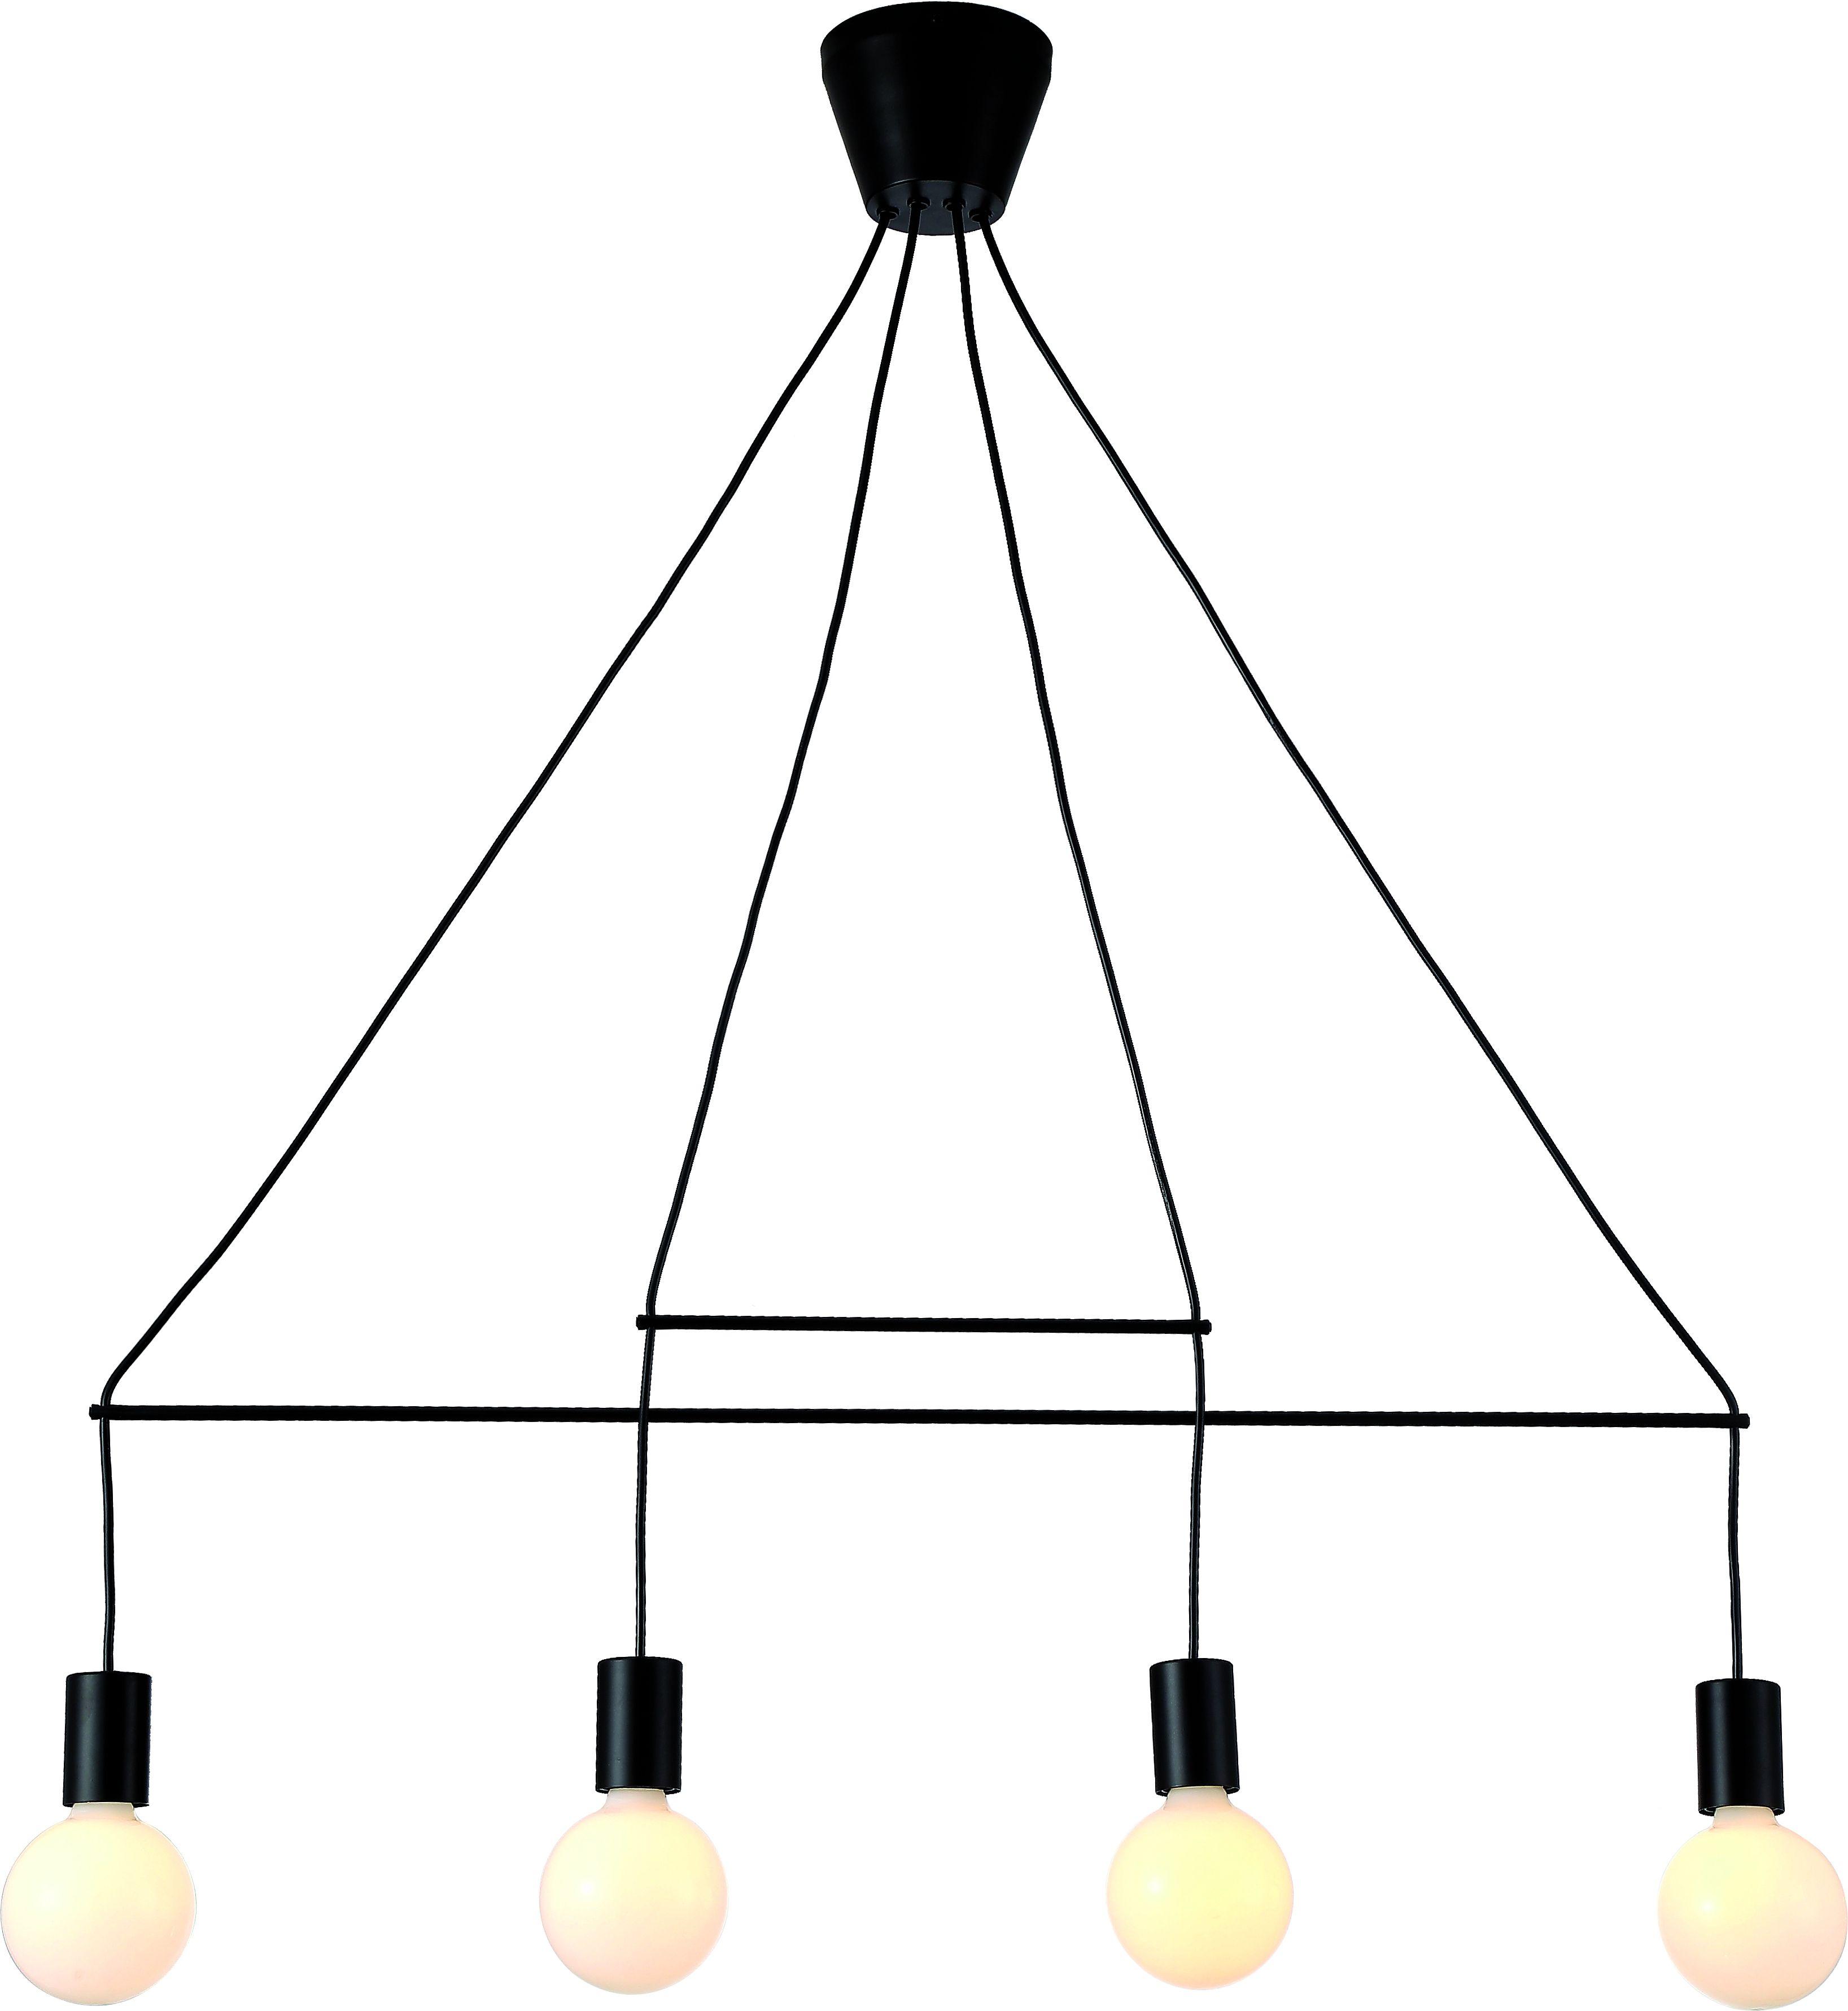 Φωτιστικό οροφής Viokef Allen 4φωτο